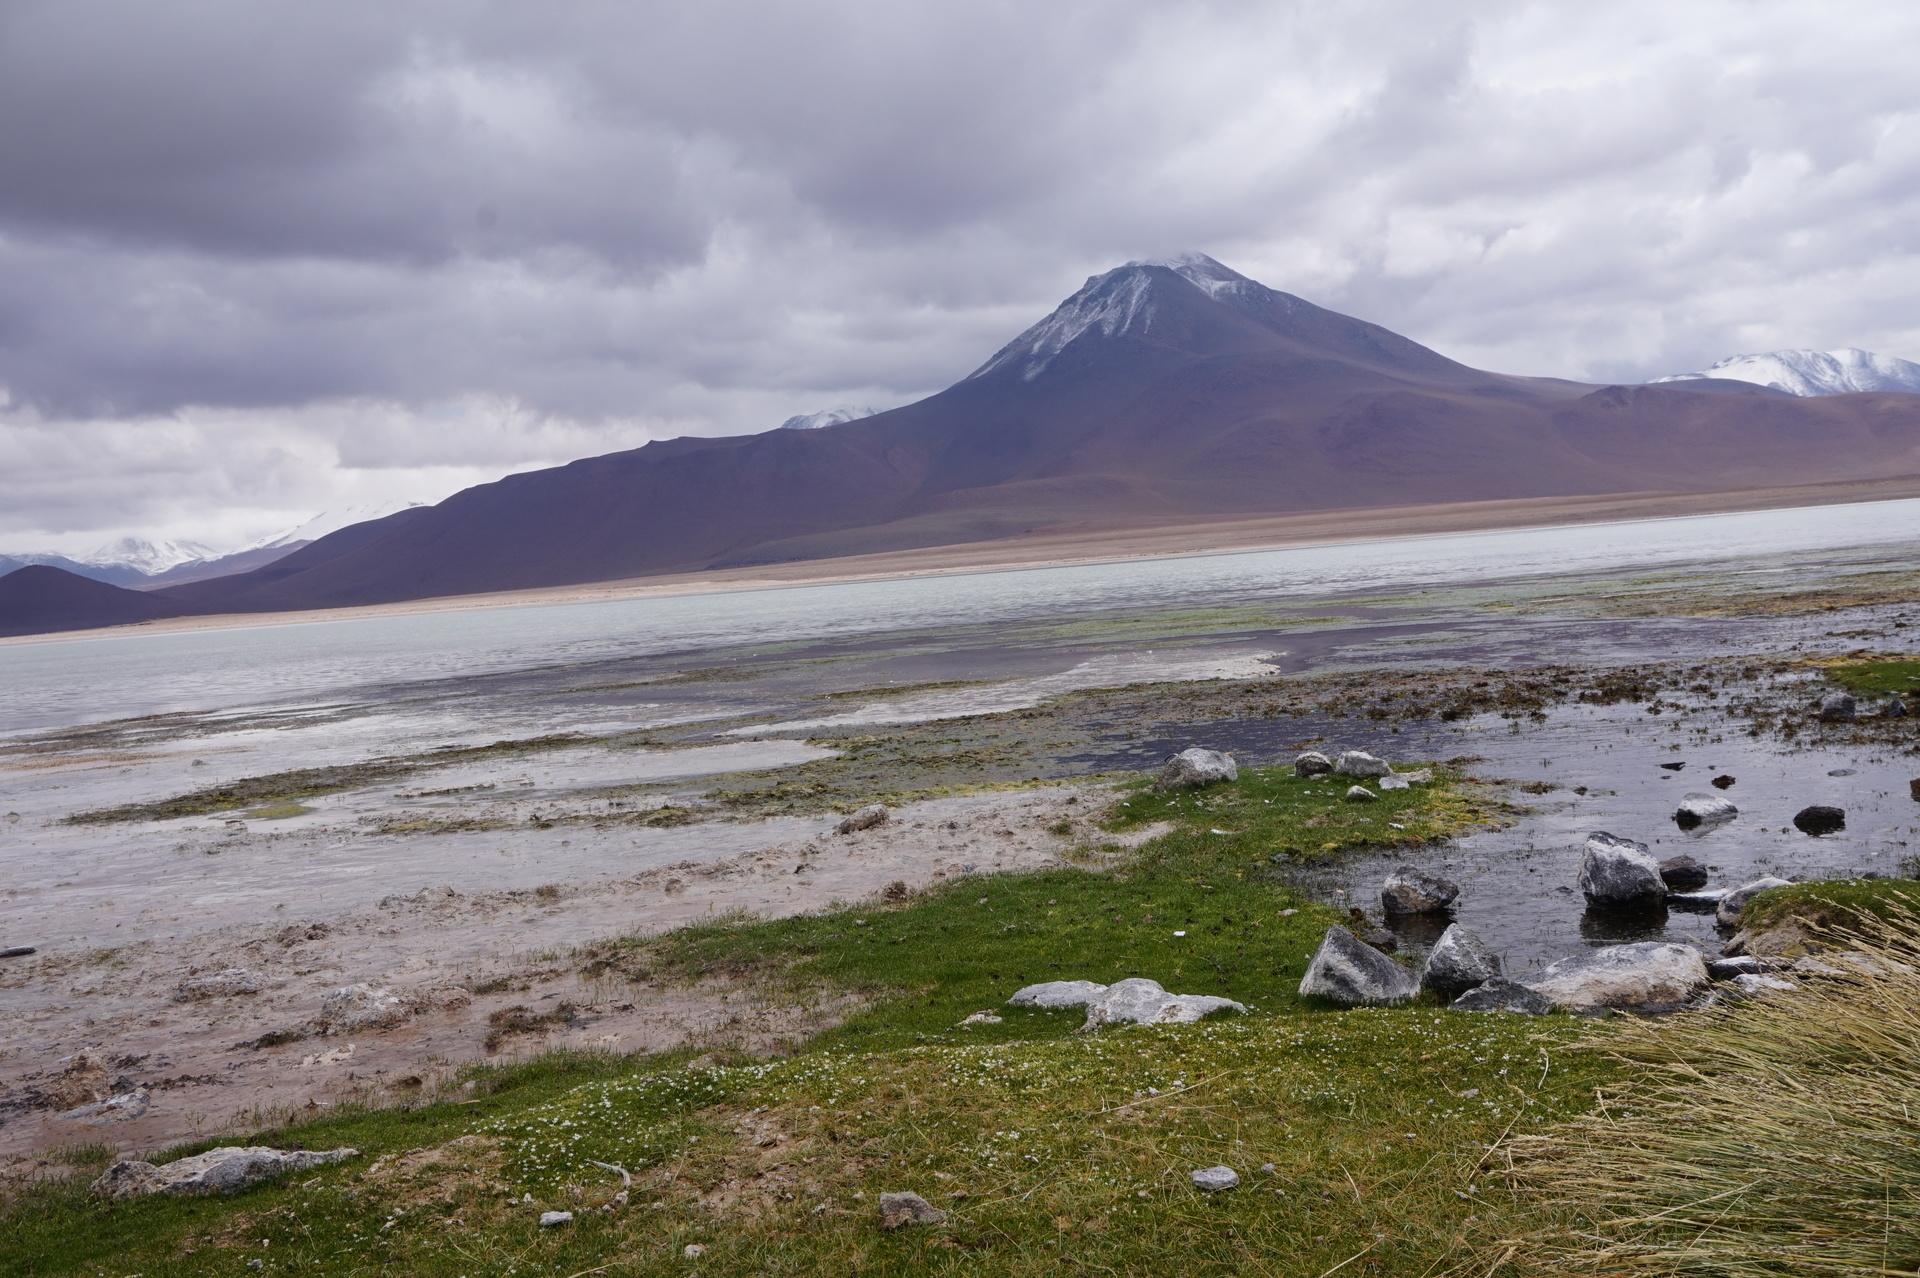 チリ ボリビア ウユニ旅行 2泊3日ツアー 白い湖